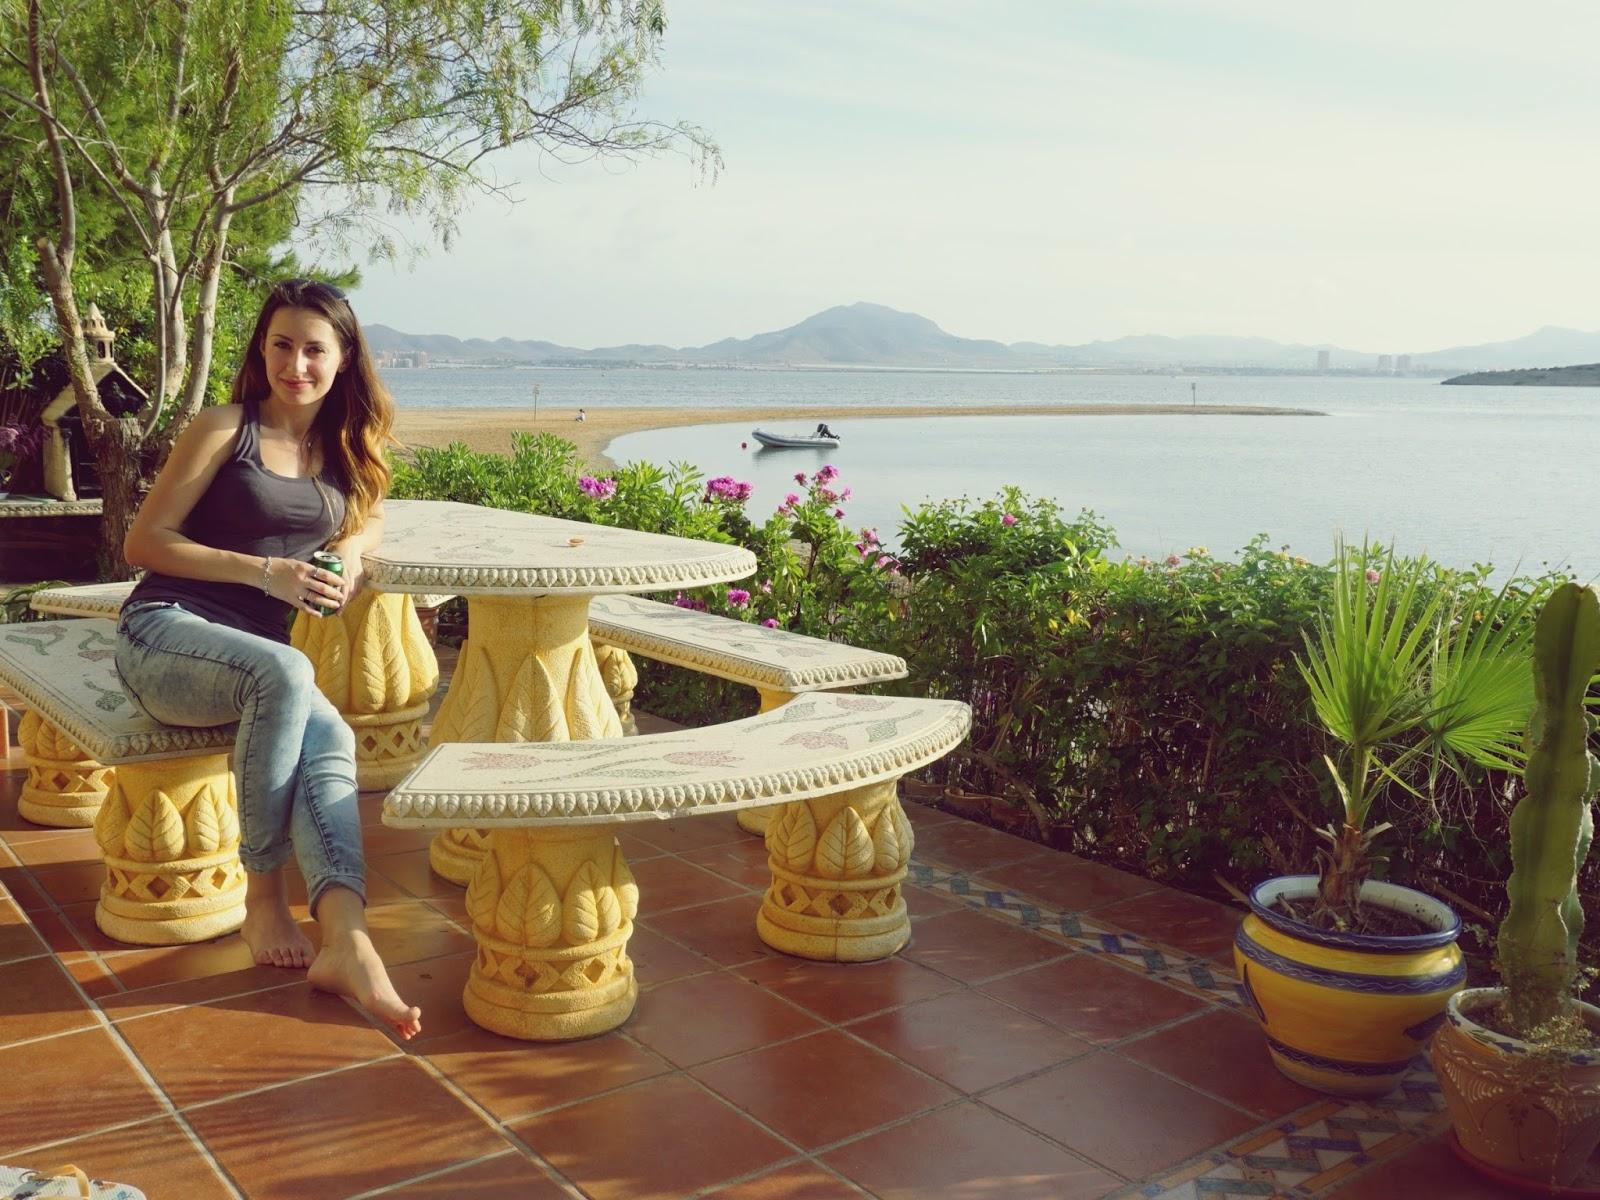 hiszpańskie miasto, La Manga, panidorcia, blog, Hiszpania, podróże, taras, słoneczna Hiszpania